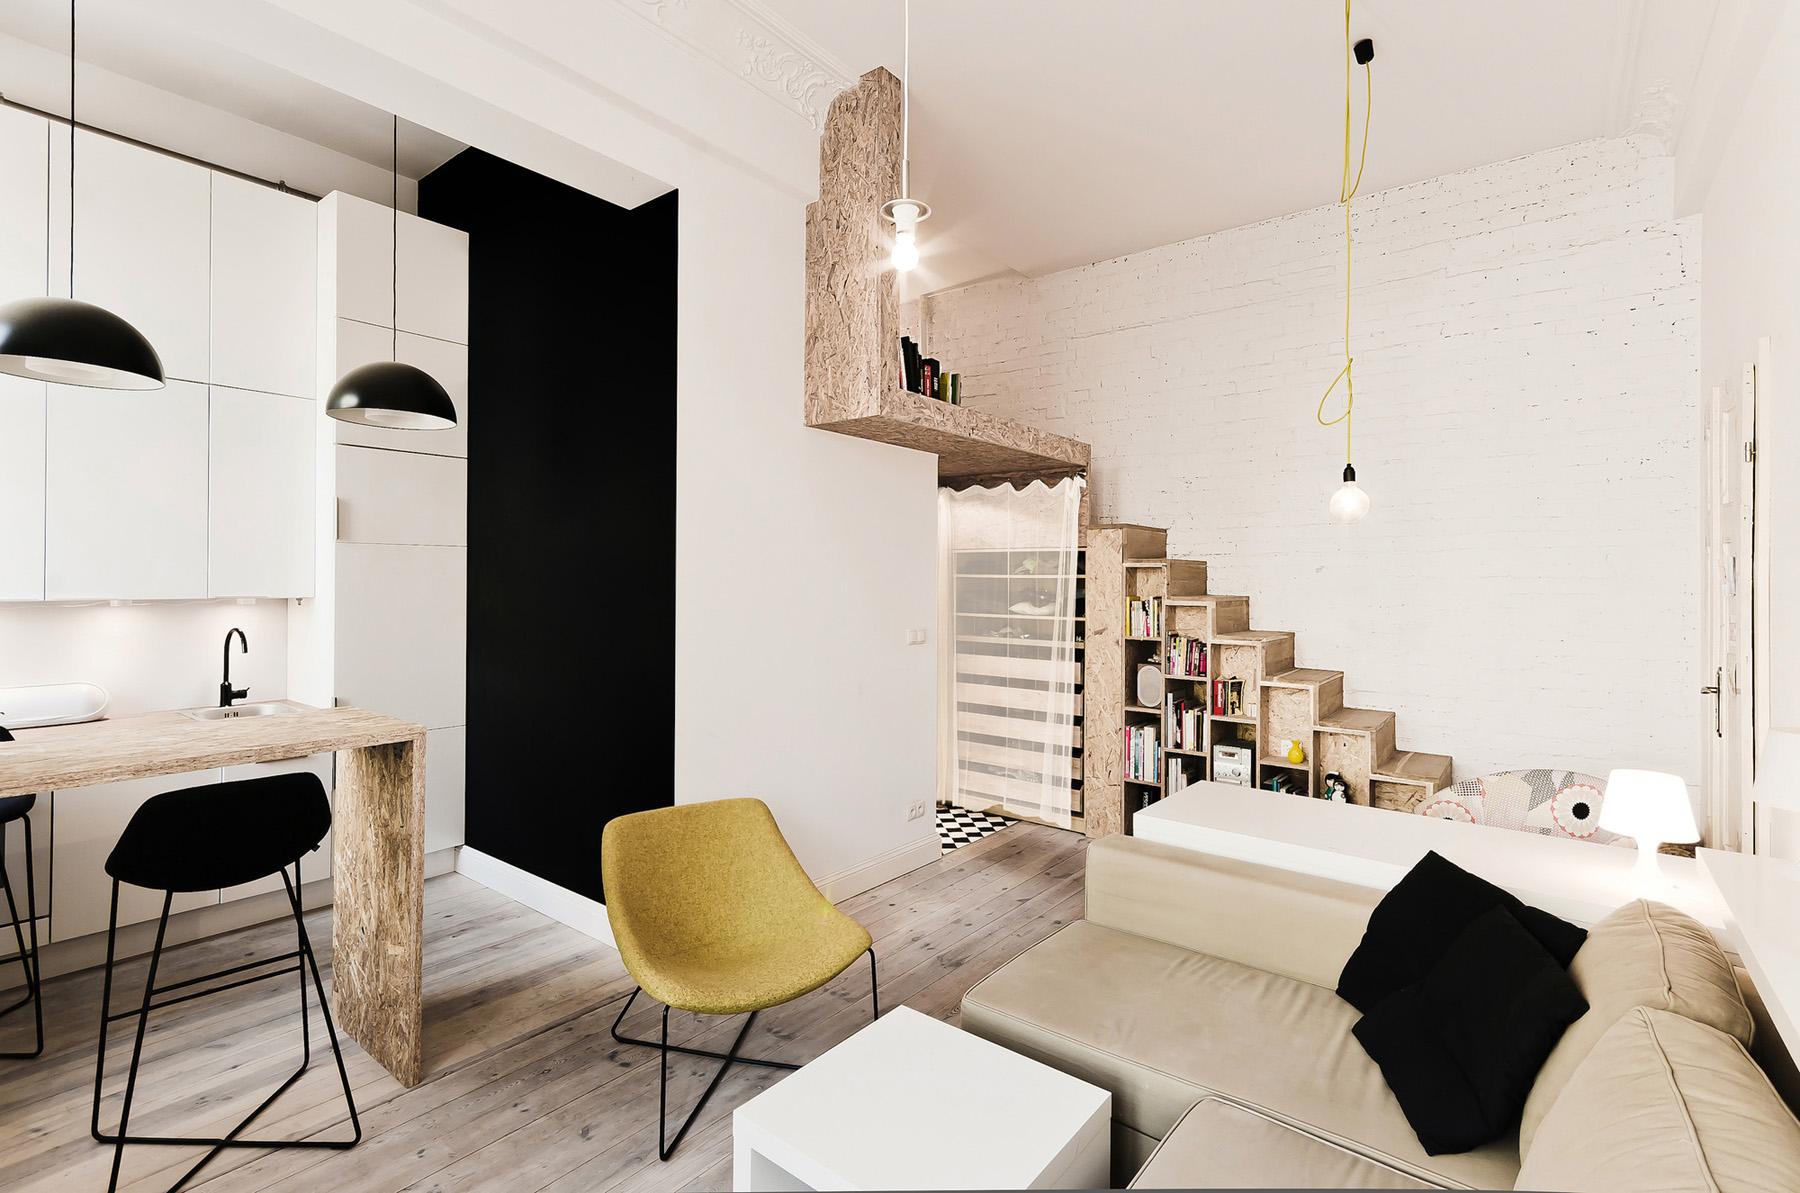 312 Square Foot Studio Loft Apartment In Poland | iDesignArch ...